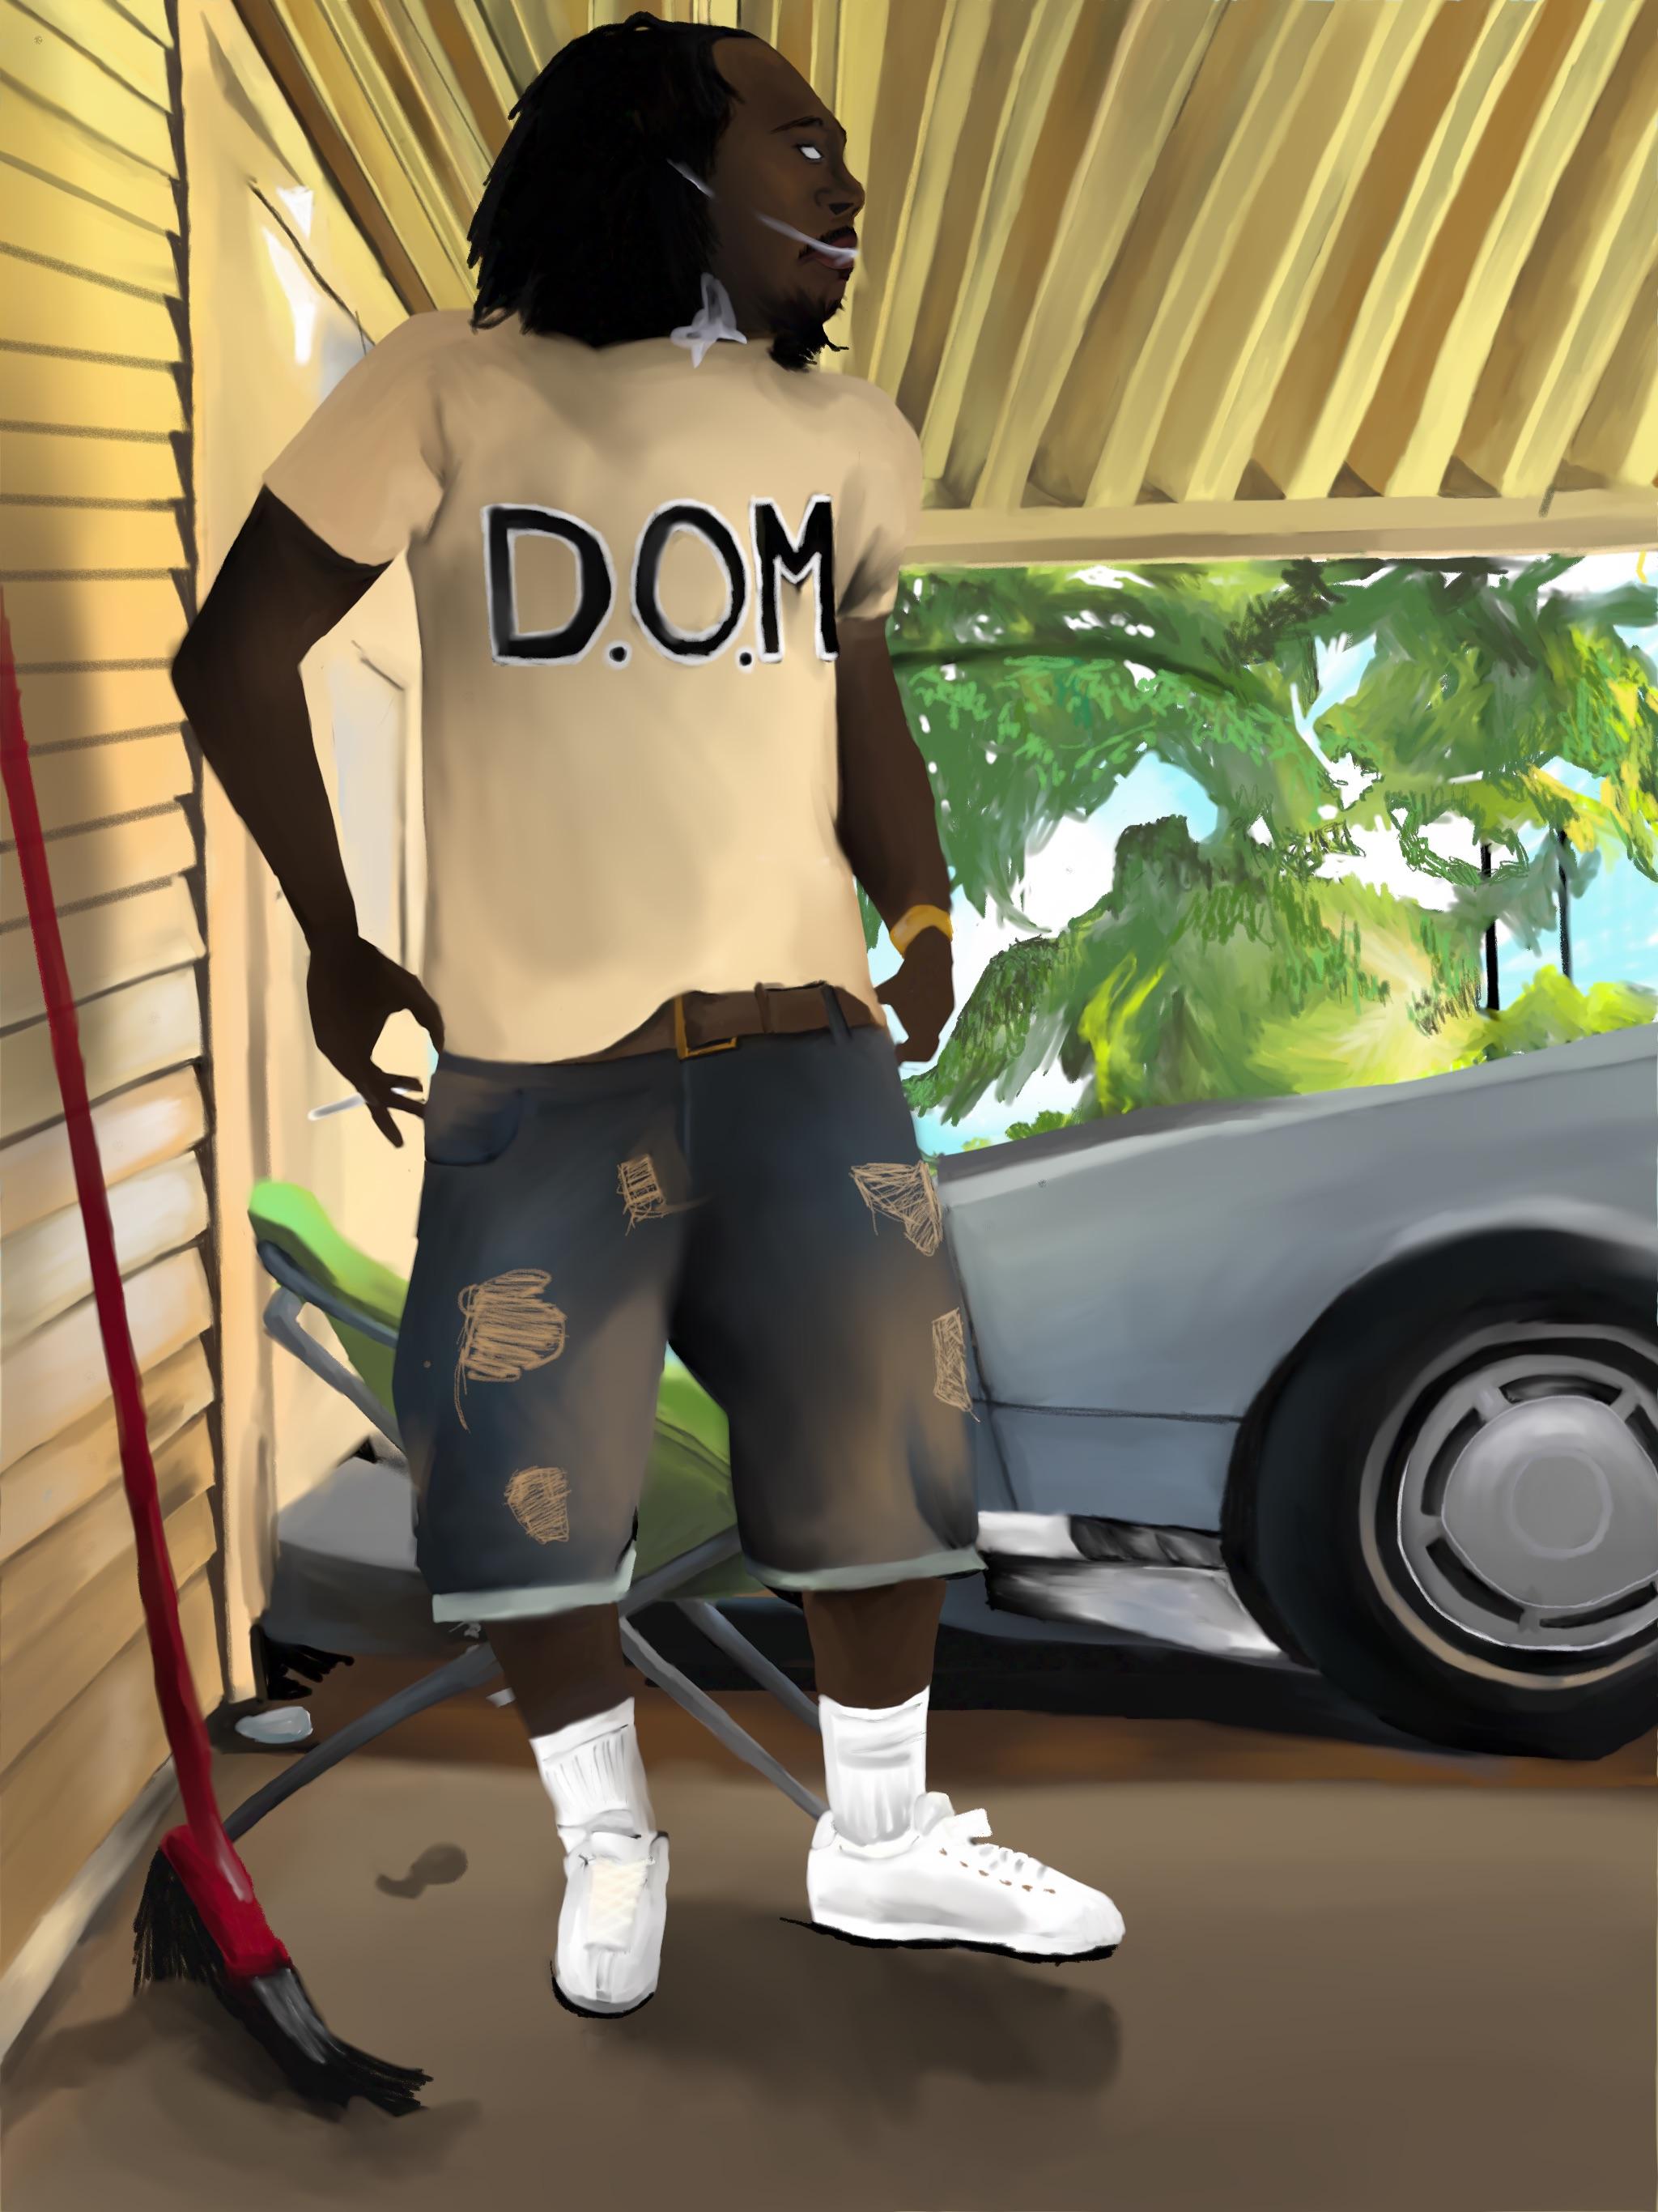 D.O.M. by W.D. Wind